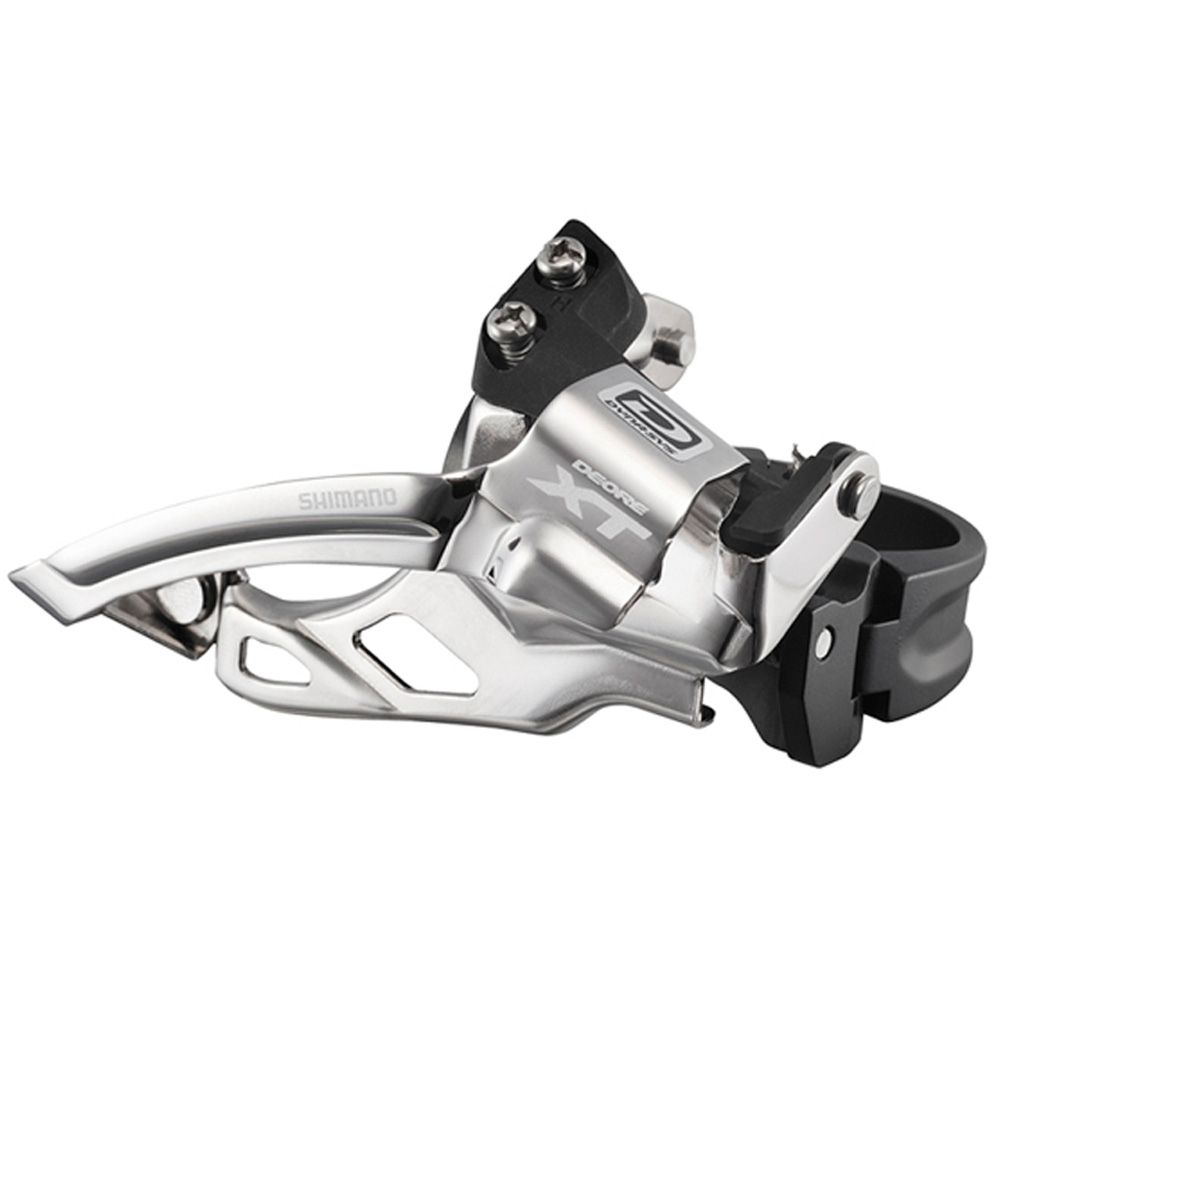 Dérailleur avant VTT Shimano Deore XT 10V Double collier bas 31,8/28,6 Tirage Haut / Bas